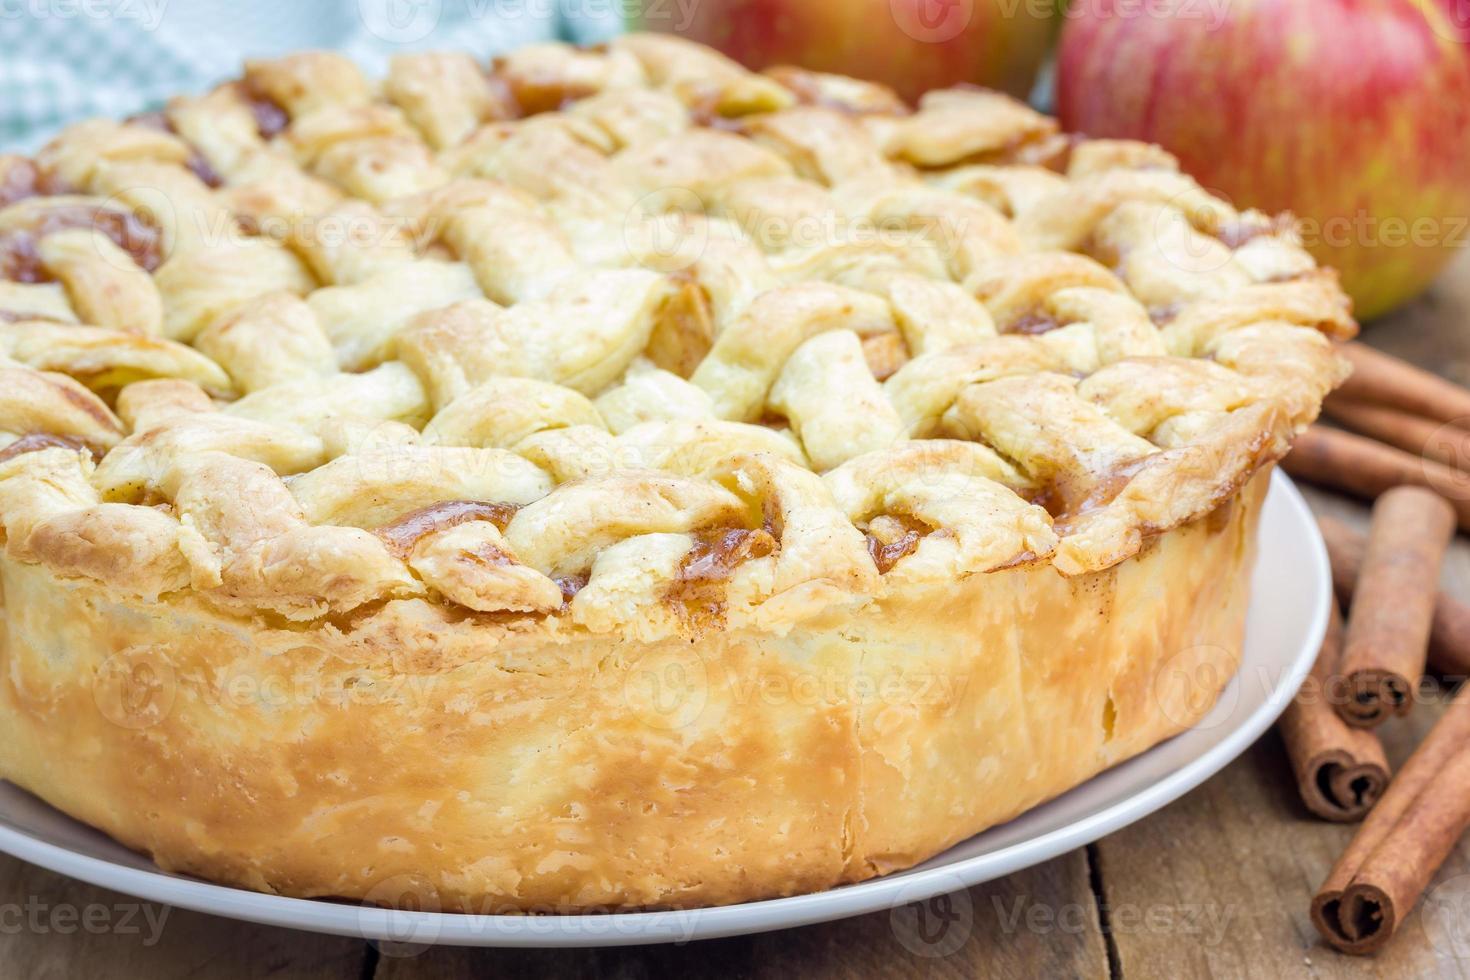 torta de maçã deliciosa caseira com padrão de treliça foto